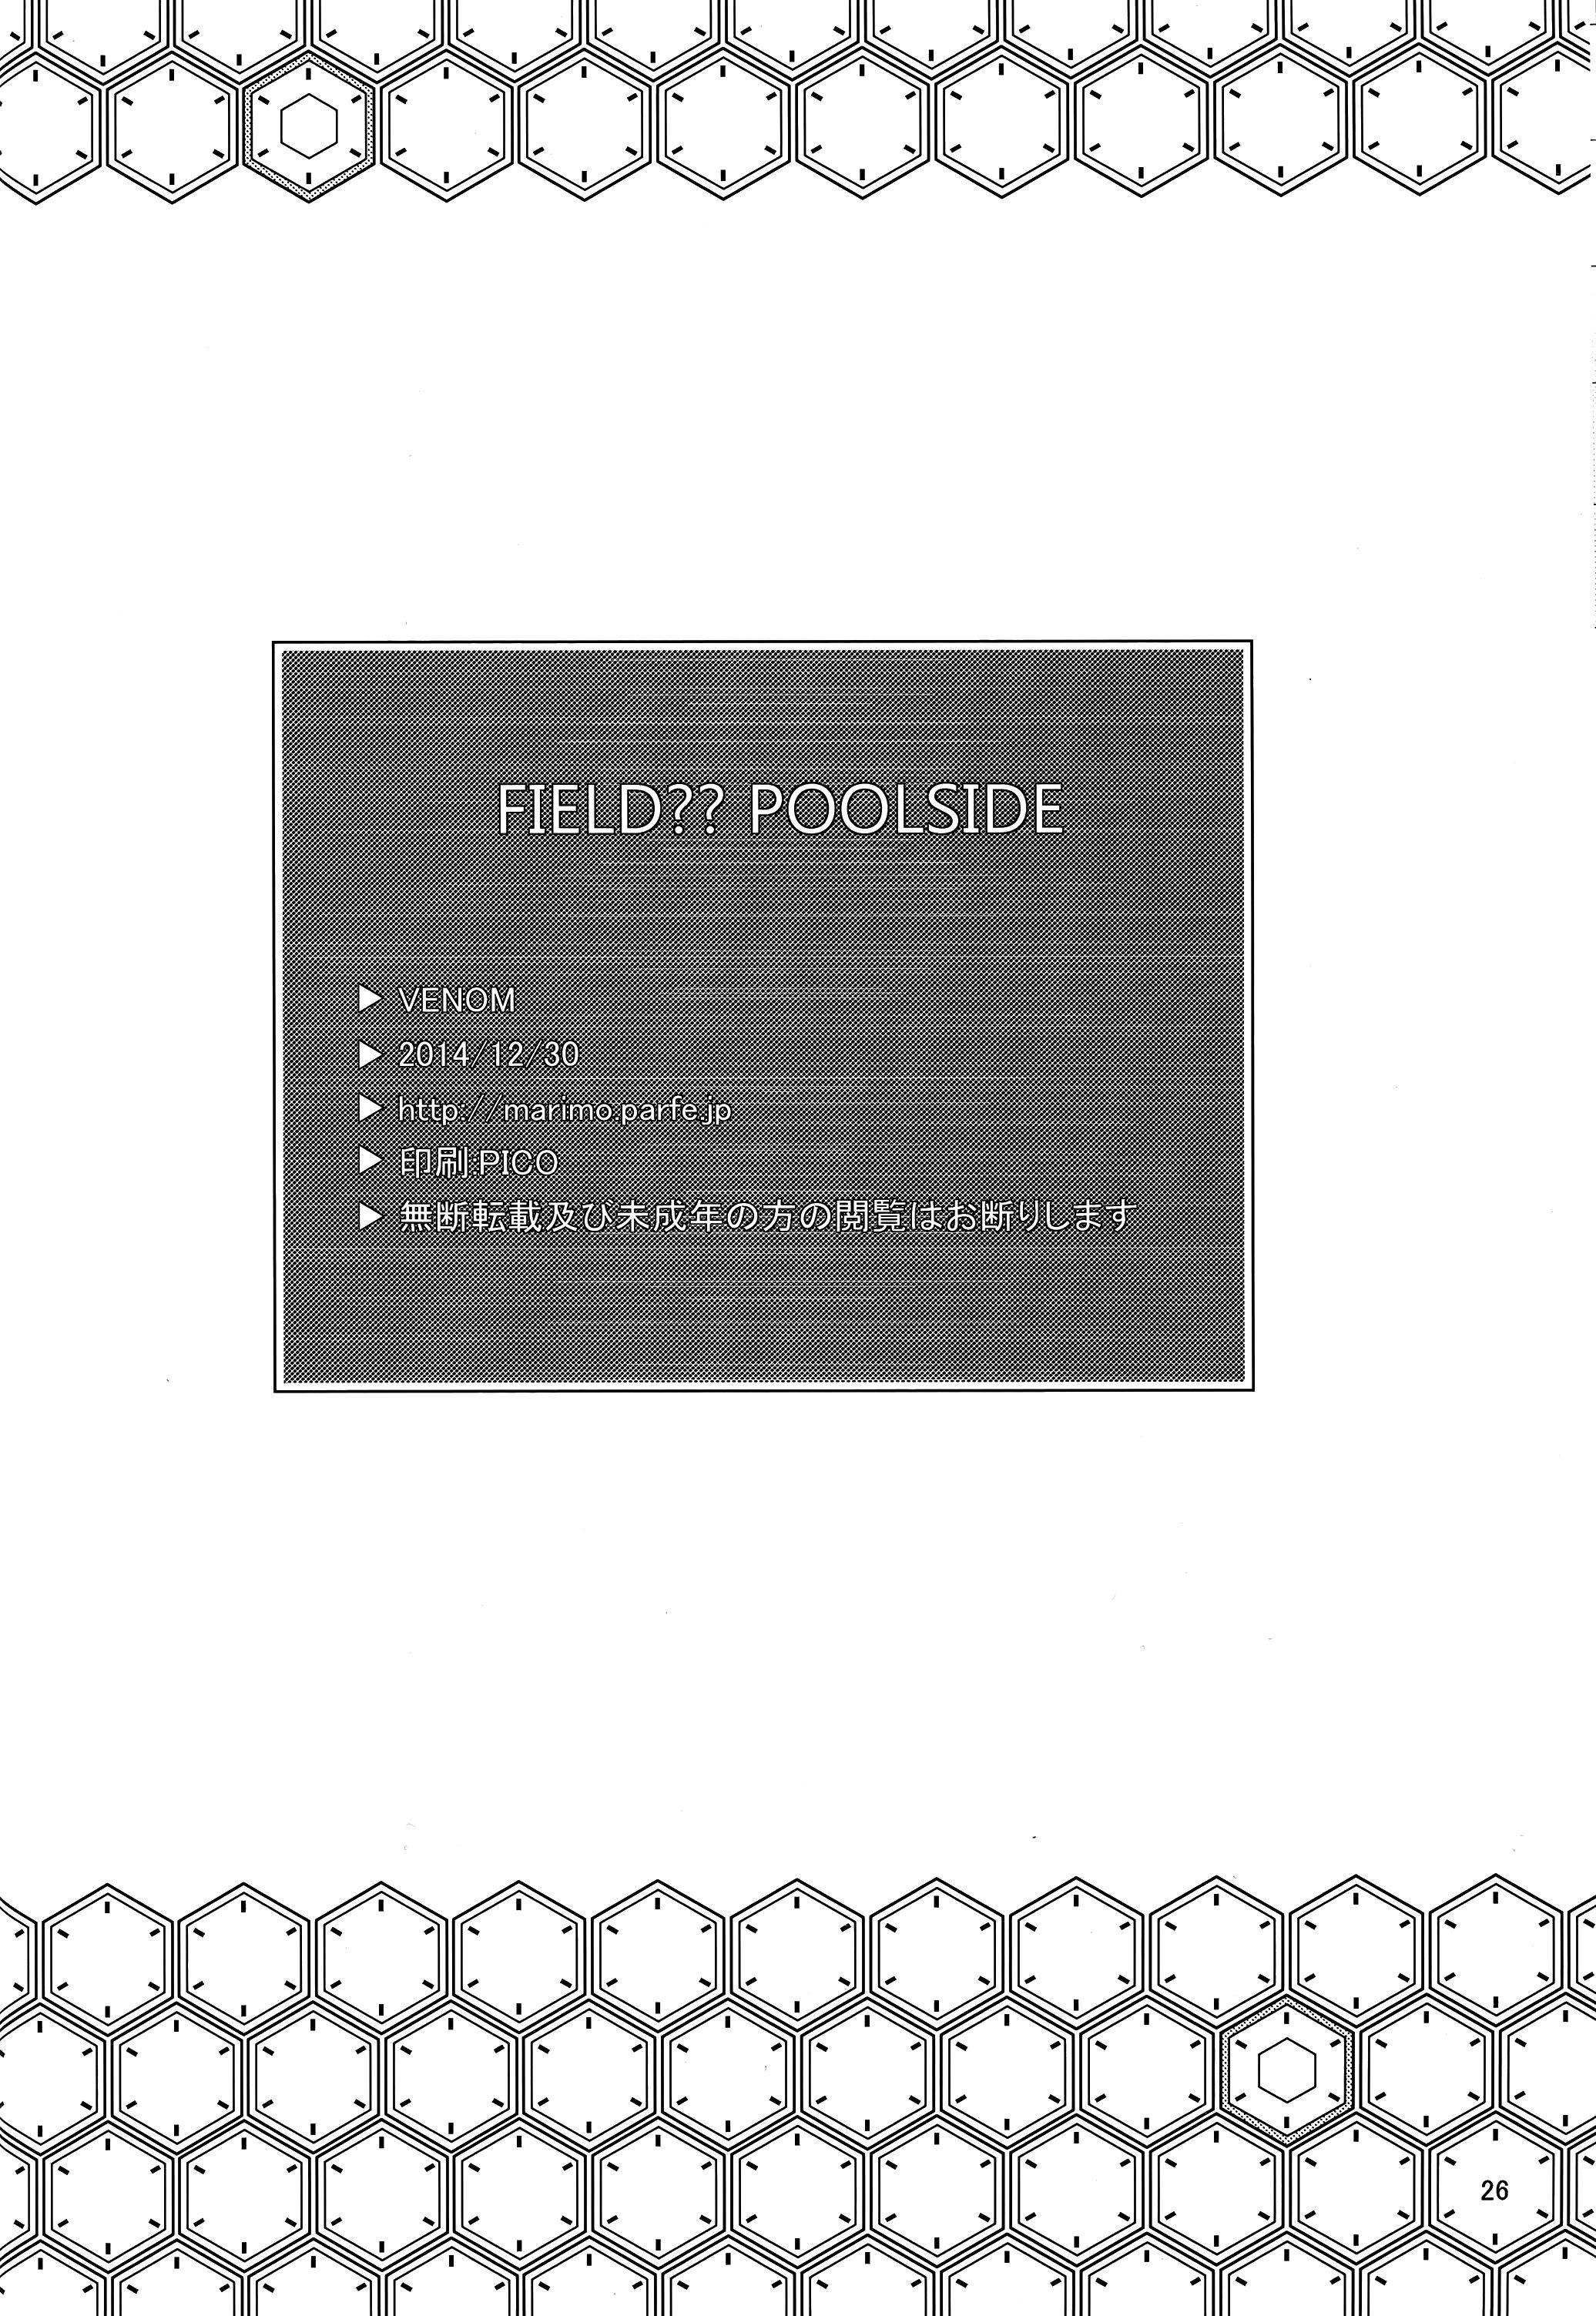 FIELD?? POOLSIDE 25